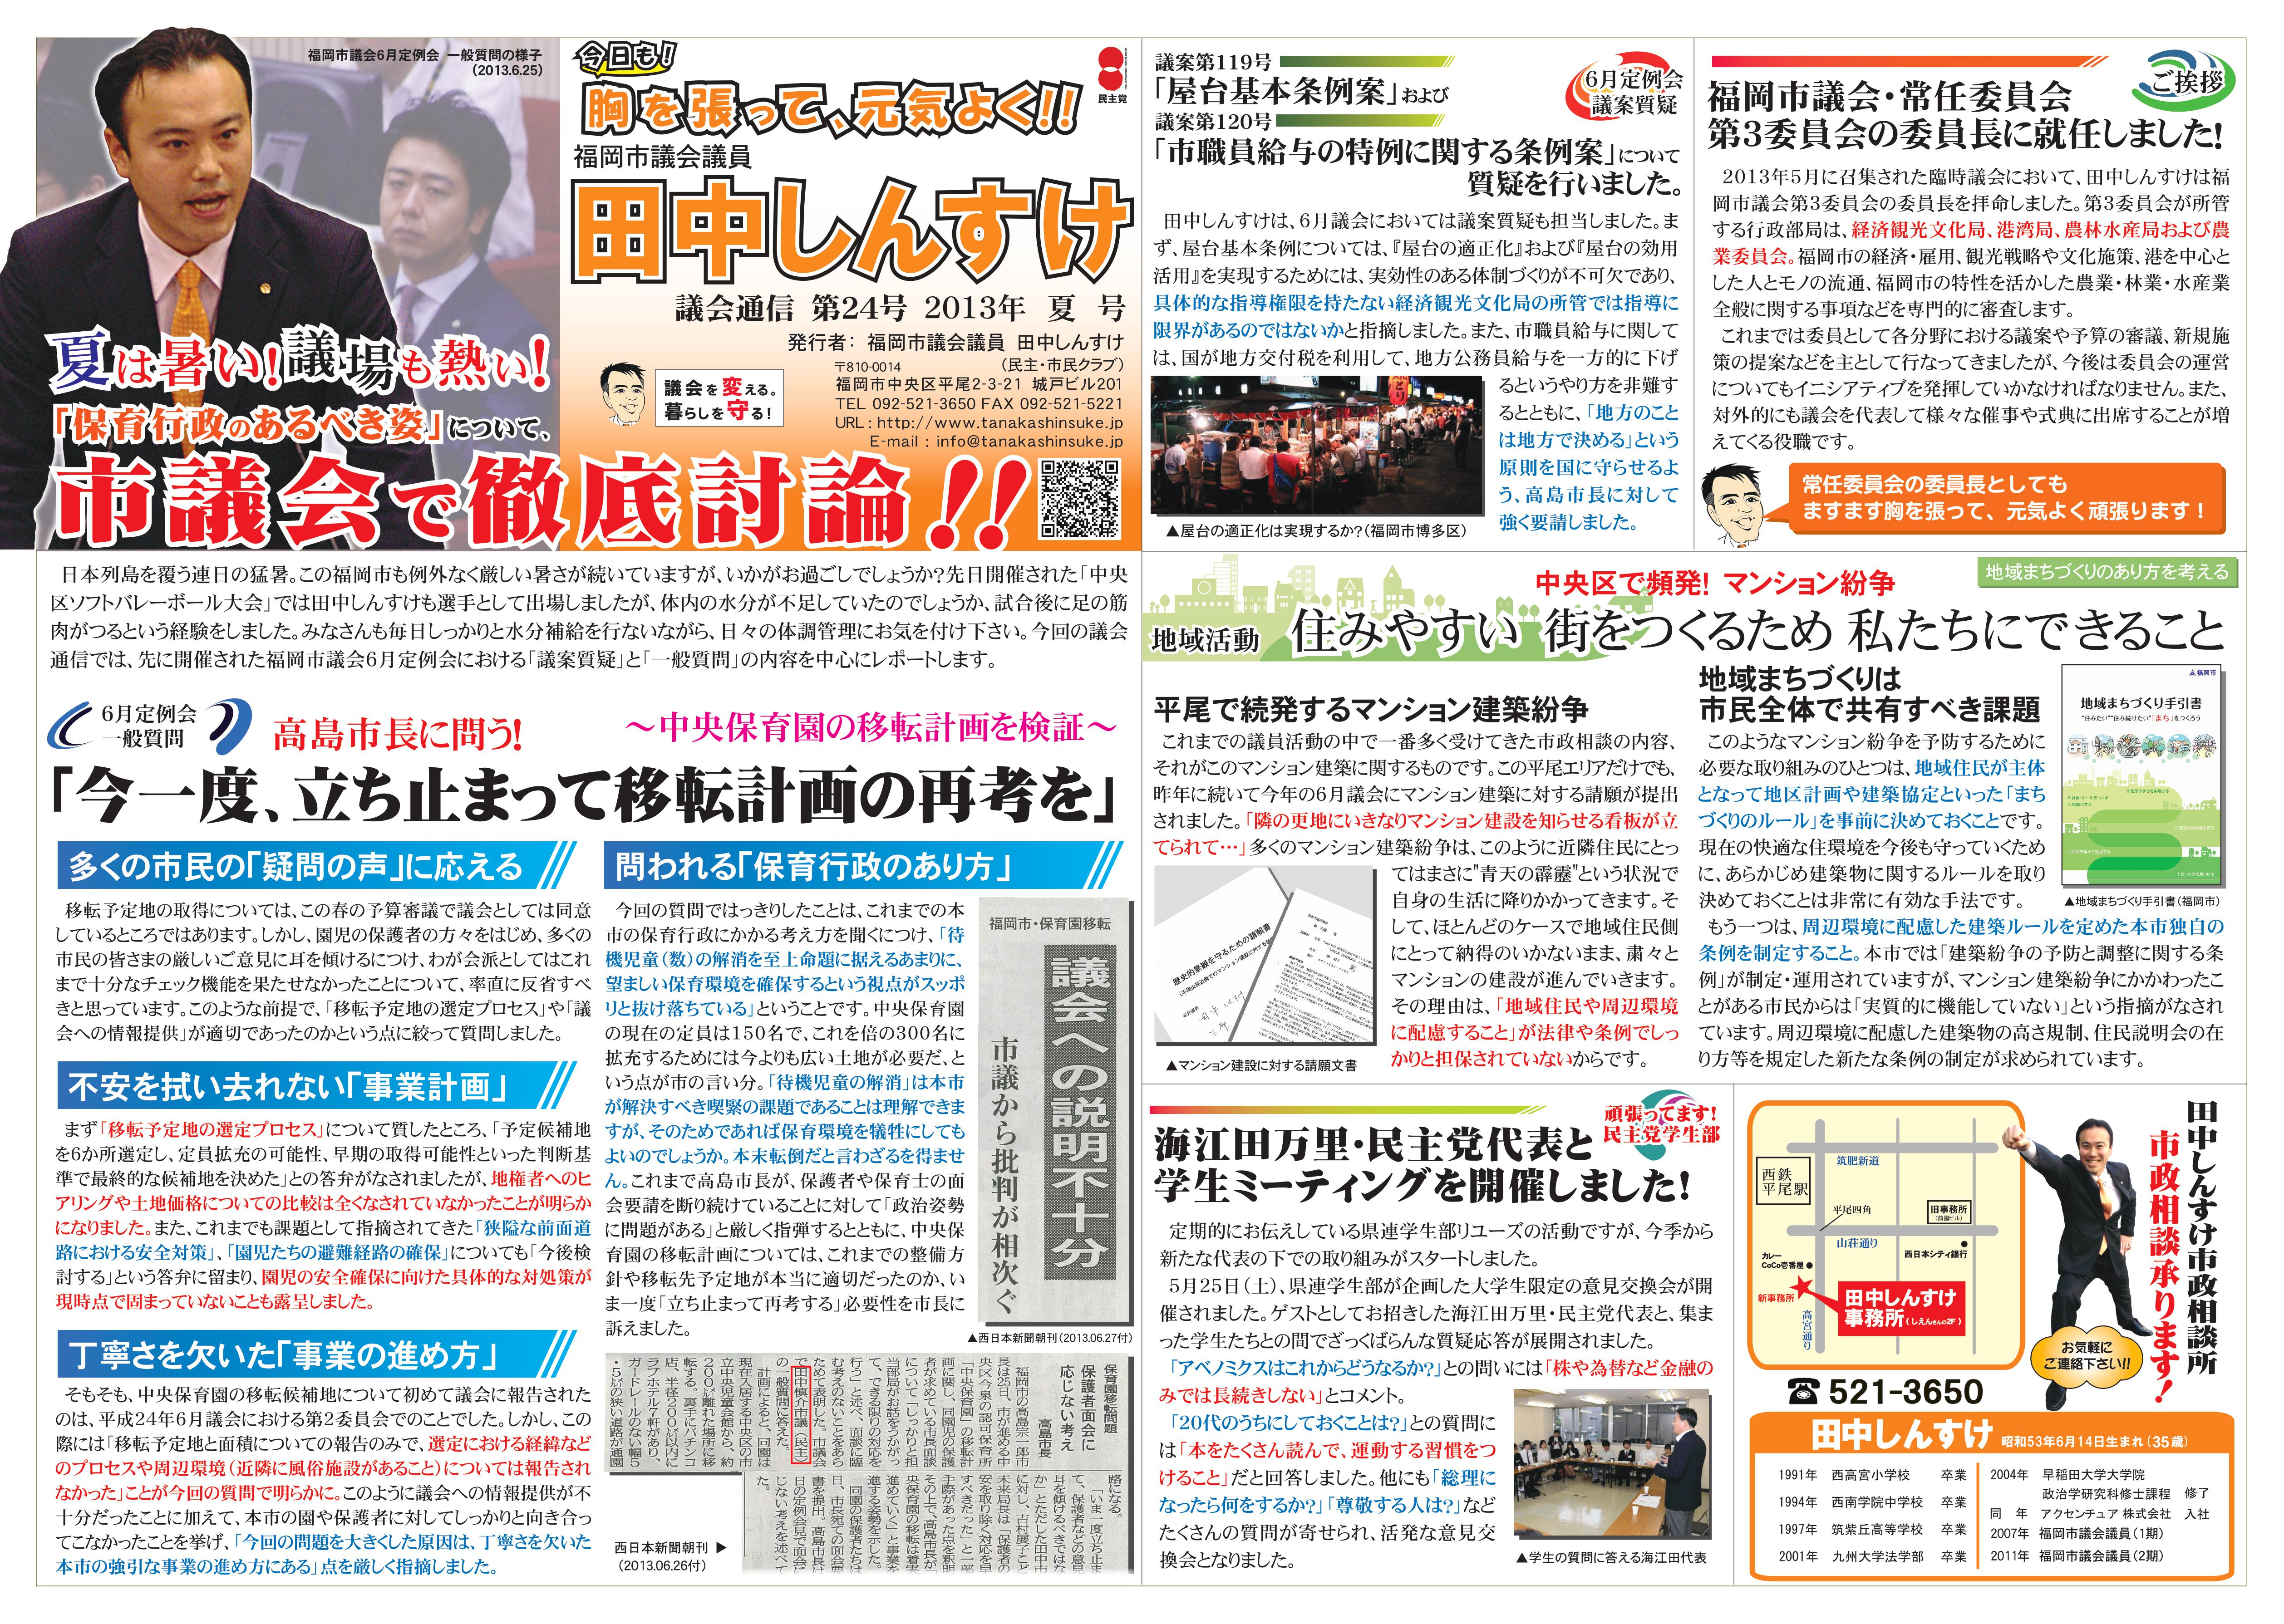 f_press_24_01